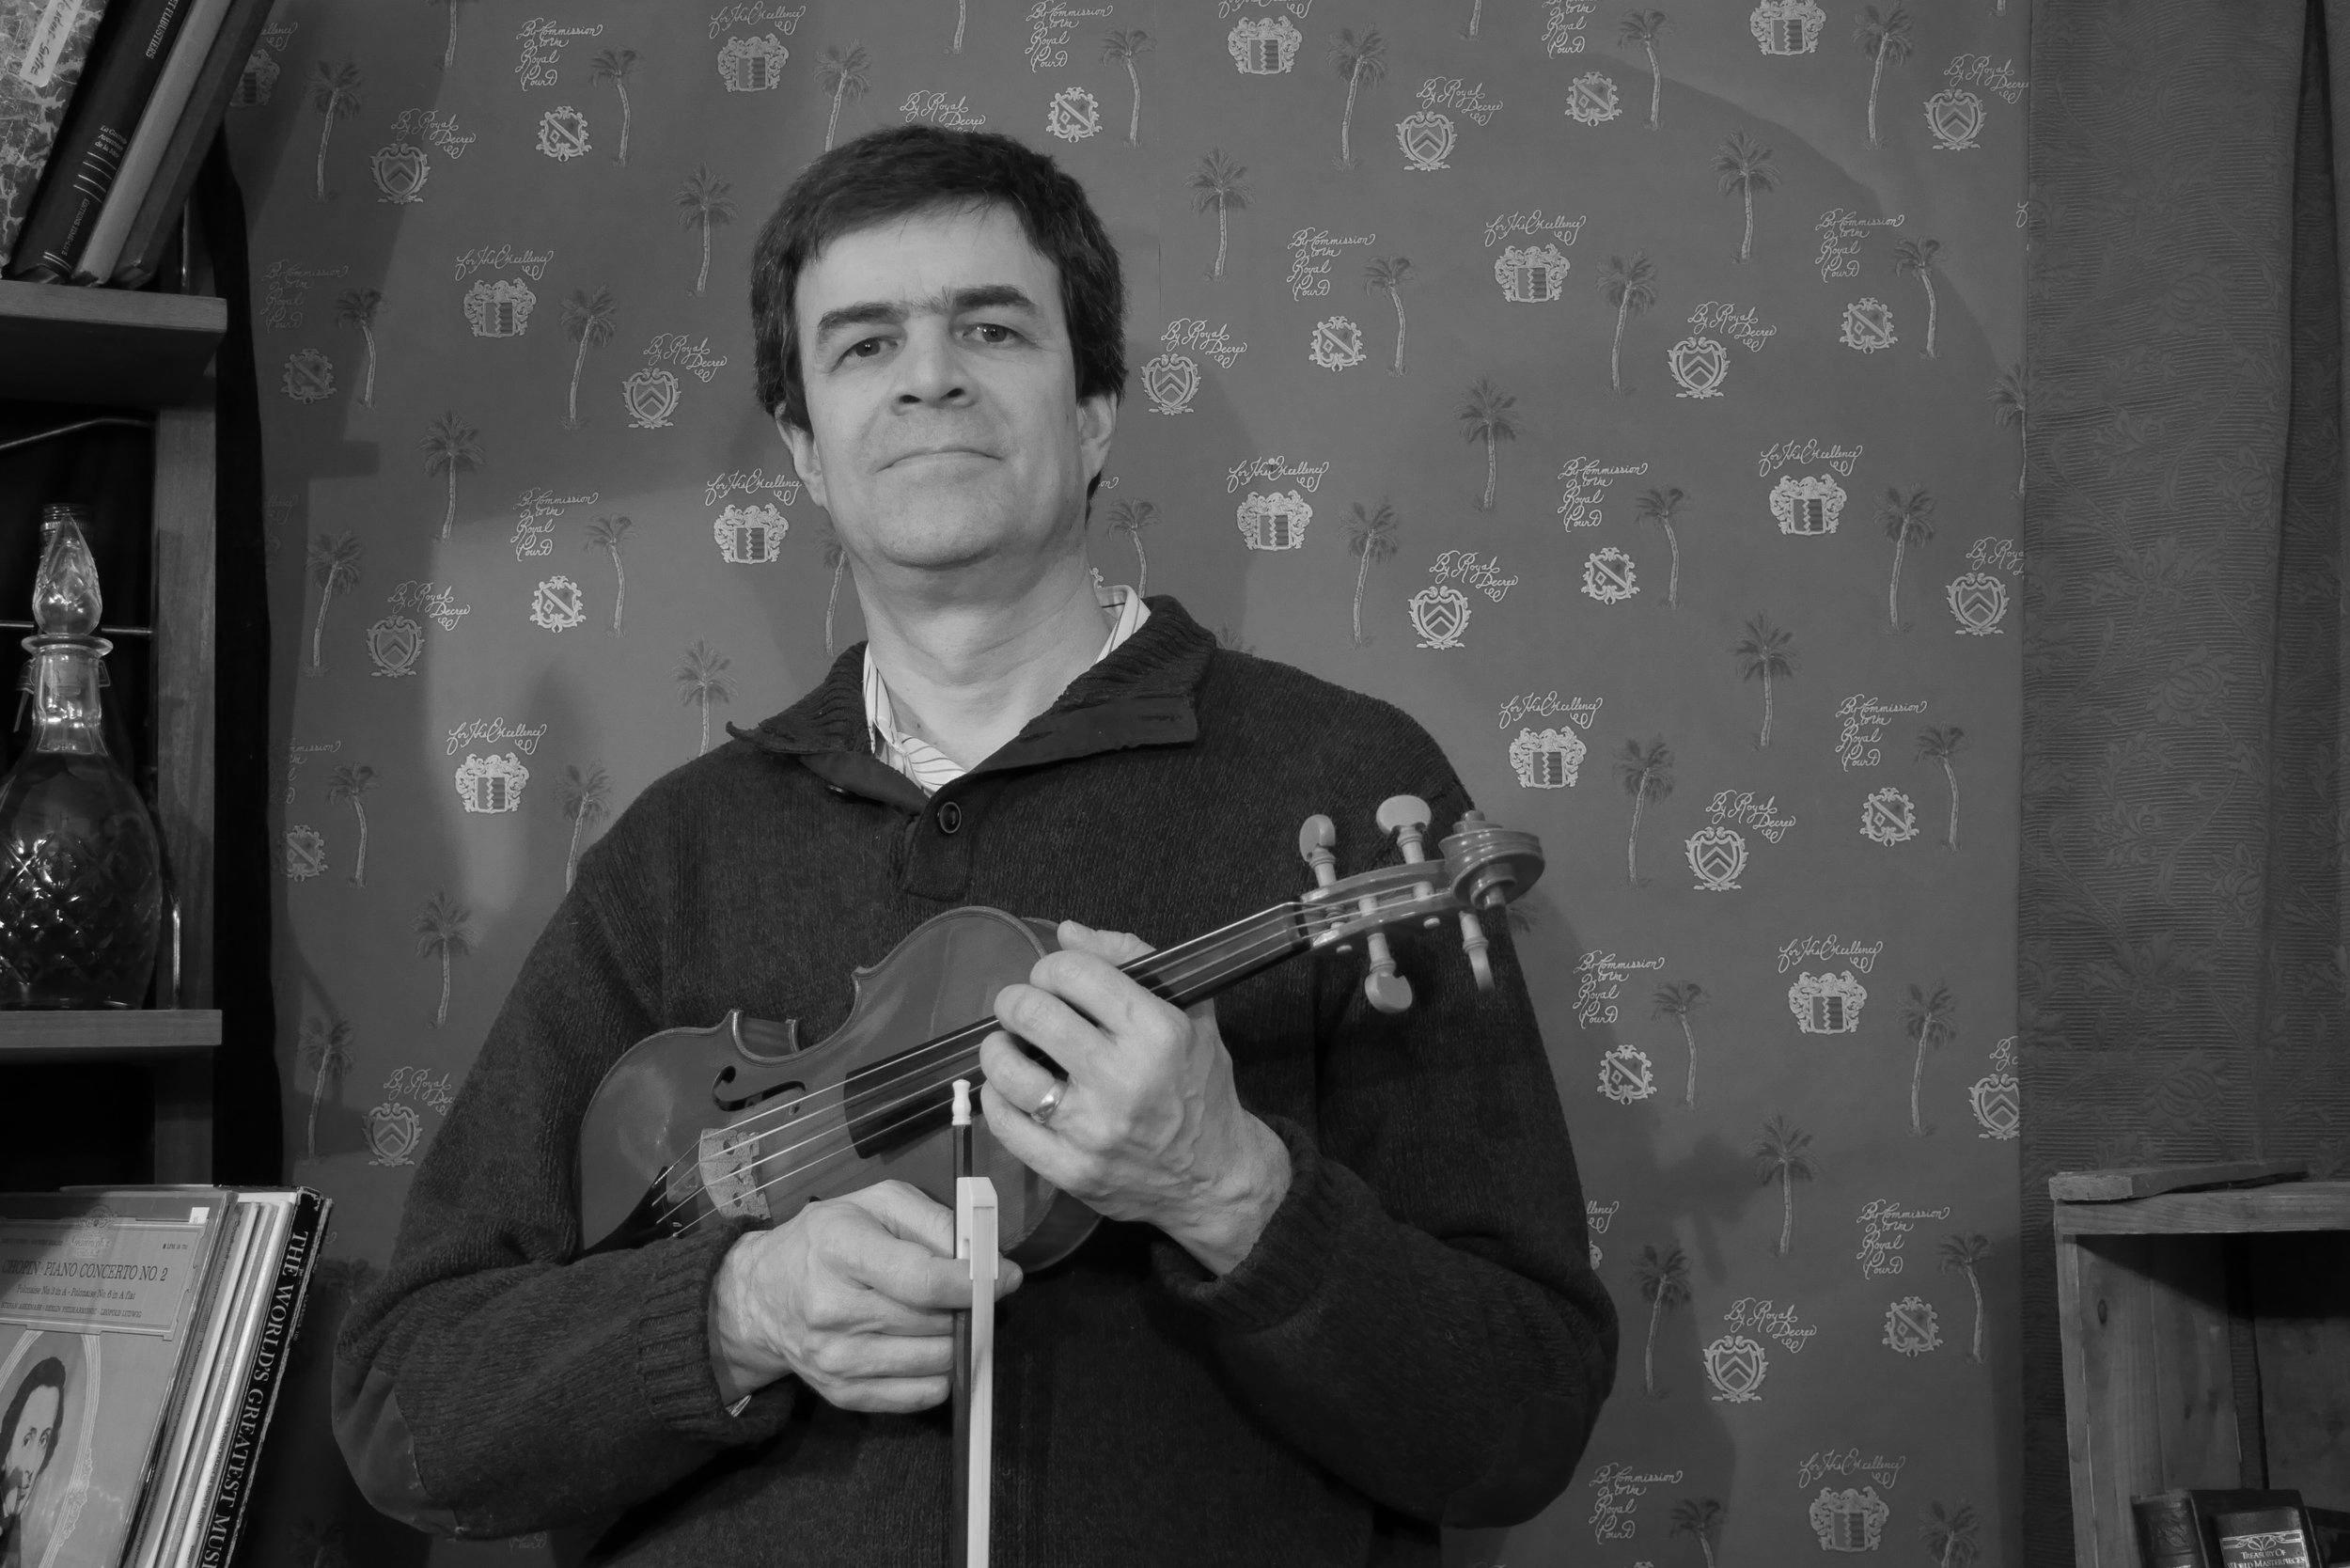 Jacques-Andr%C3%A9+Houle+violoniste+%282%29.jpg